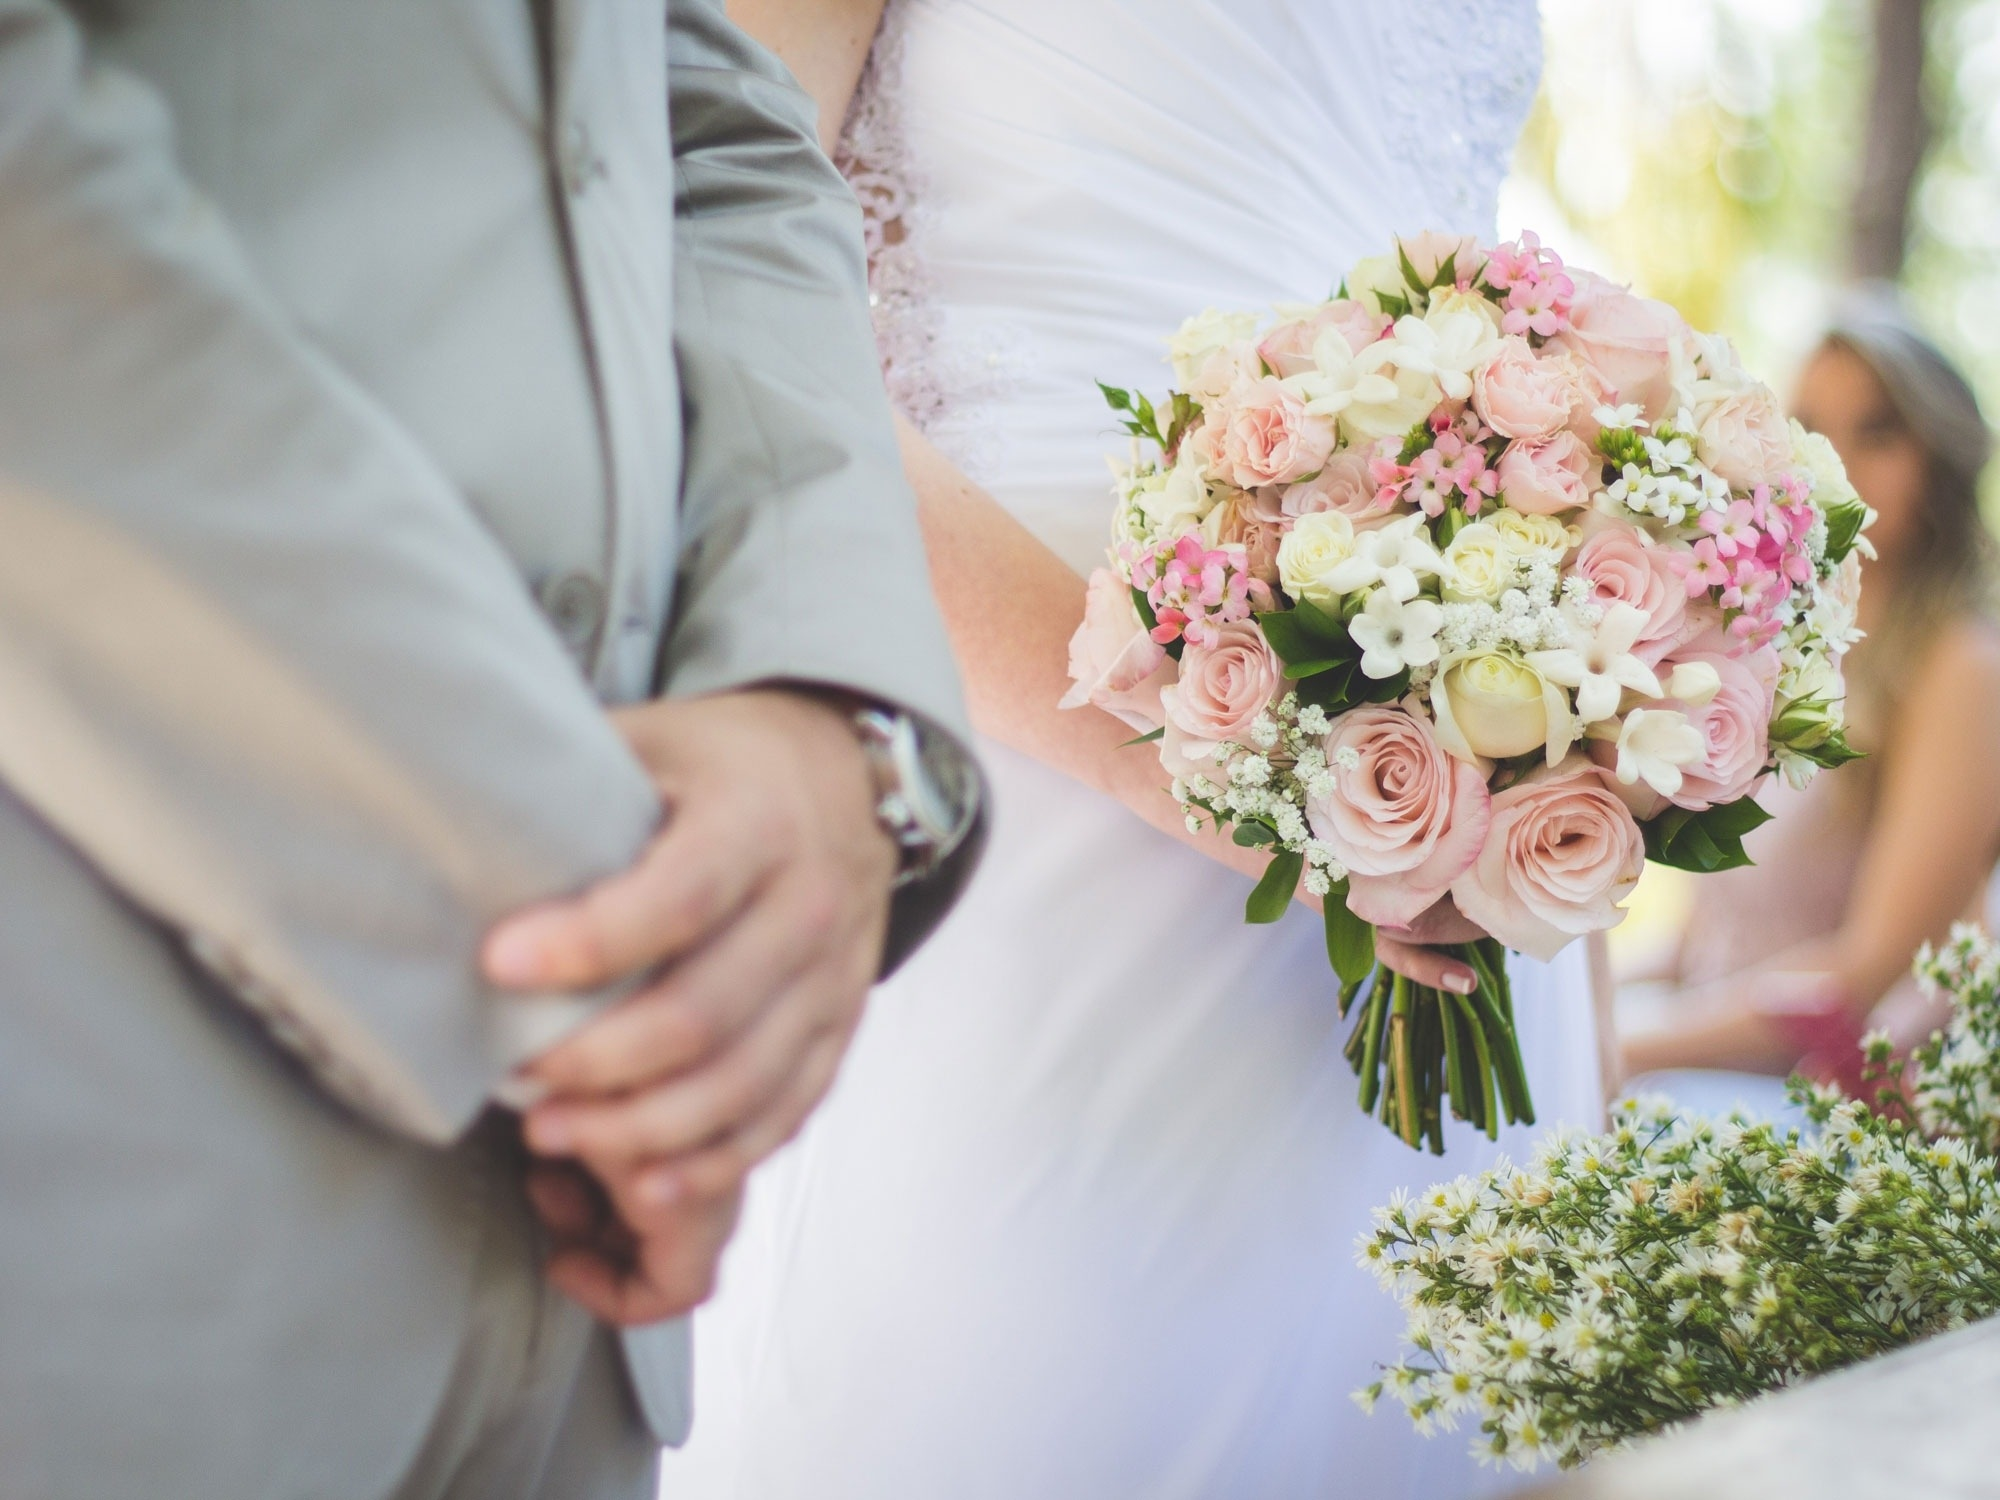 Сильные обряды на замужество: на Рождество, старый Новый год, Пасху, Покров и обычные дни